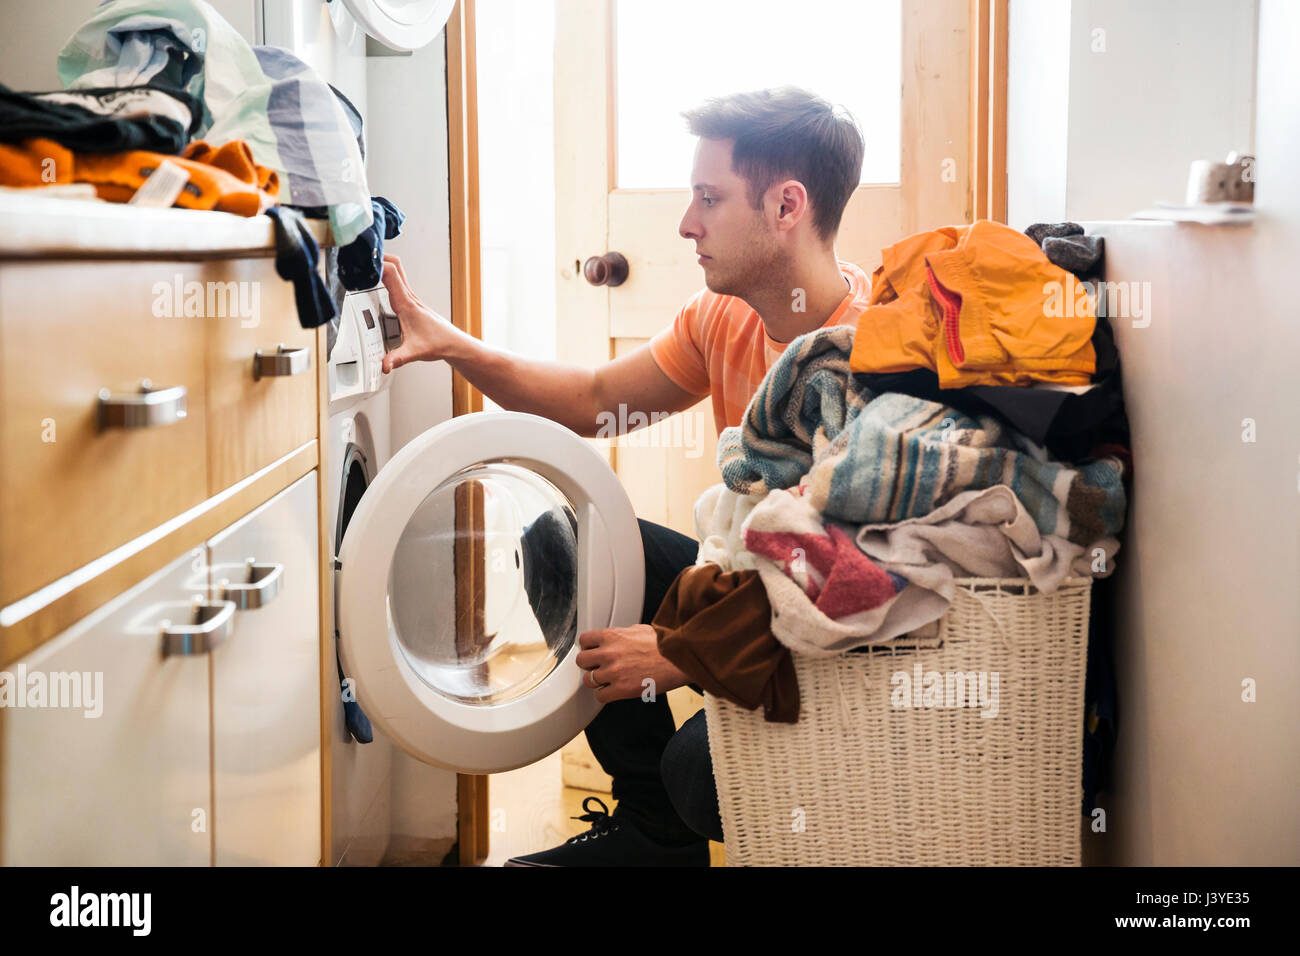 Uomo che fa servizio lavanderia a casa Immagini Stock